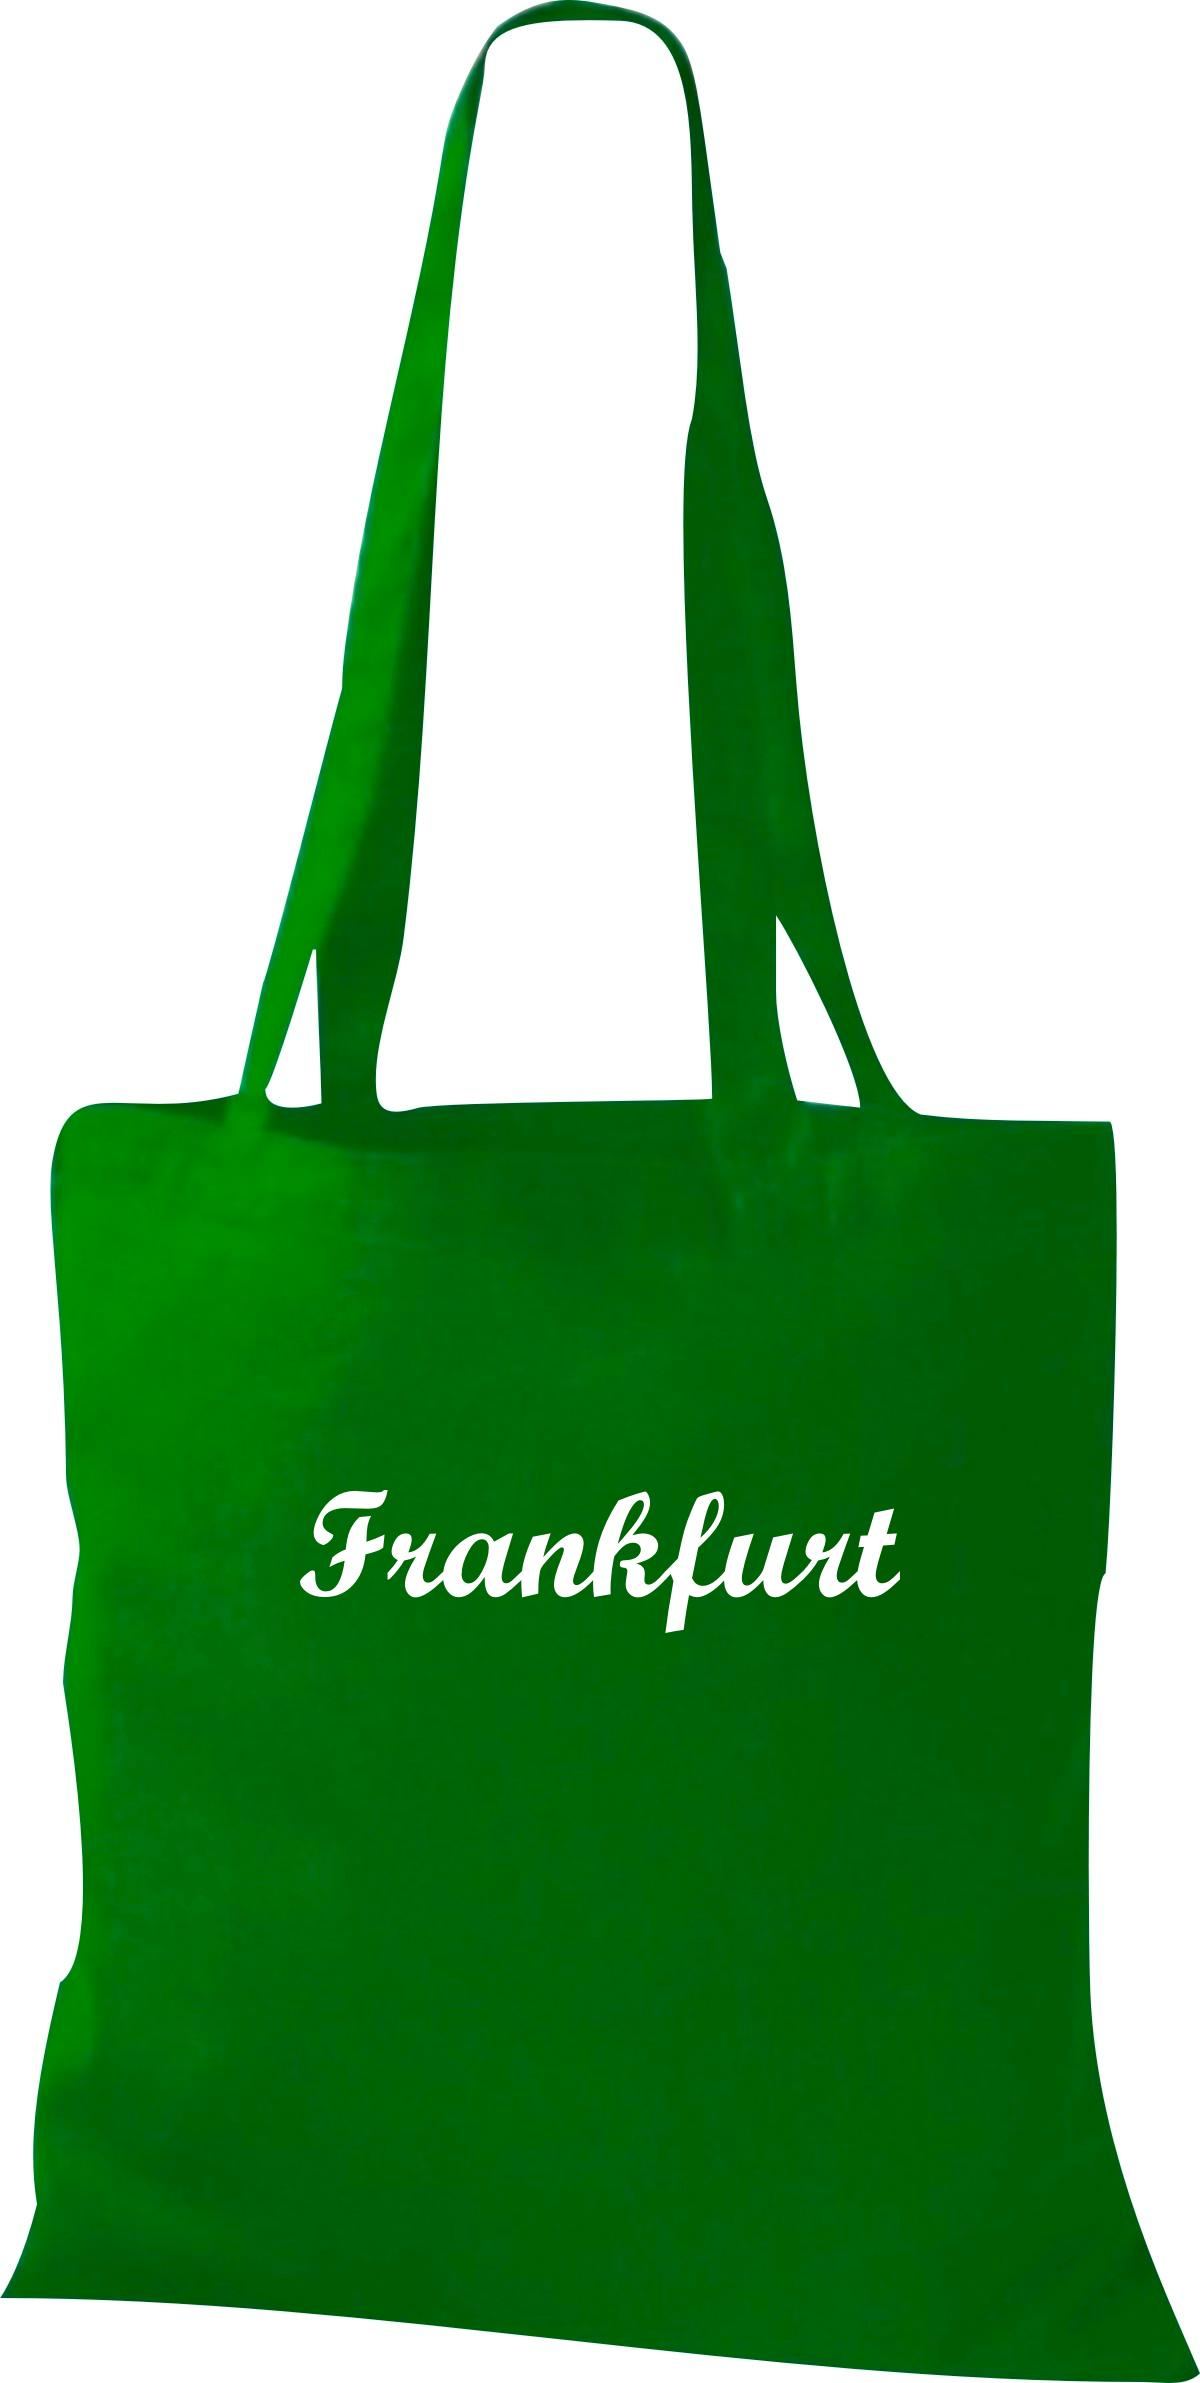 Stoffbeutel City Stadt Shirt Frankfurt Deine Stadt kult, Baumwolltasche viele Fa